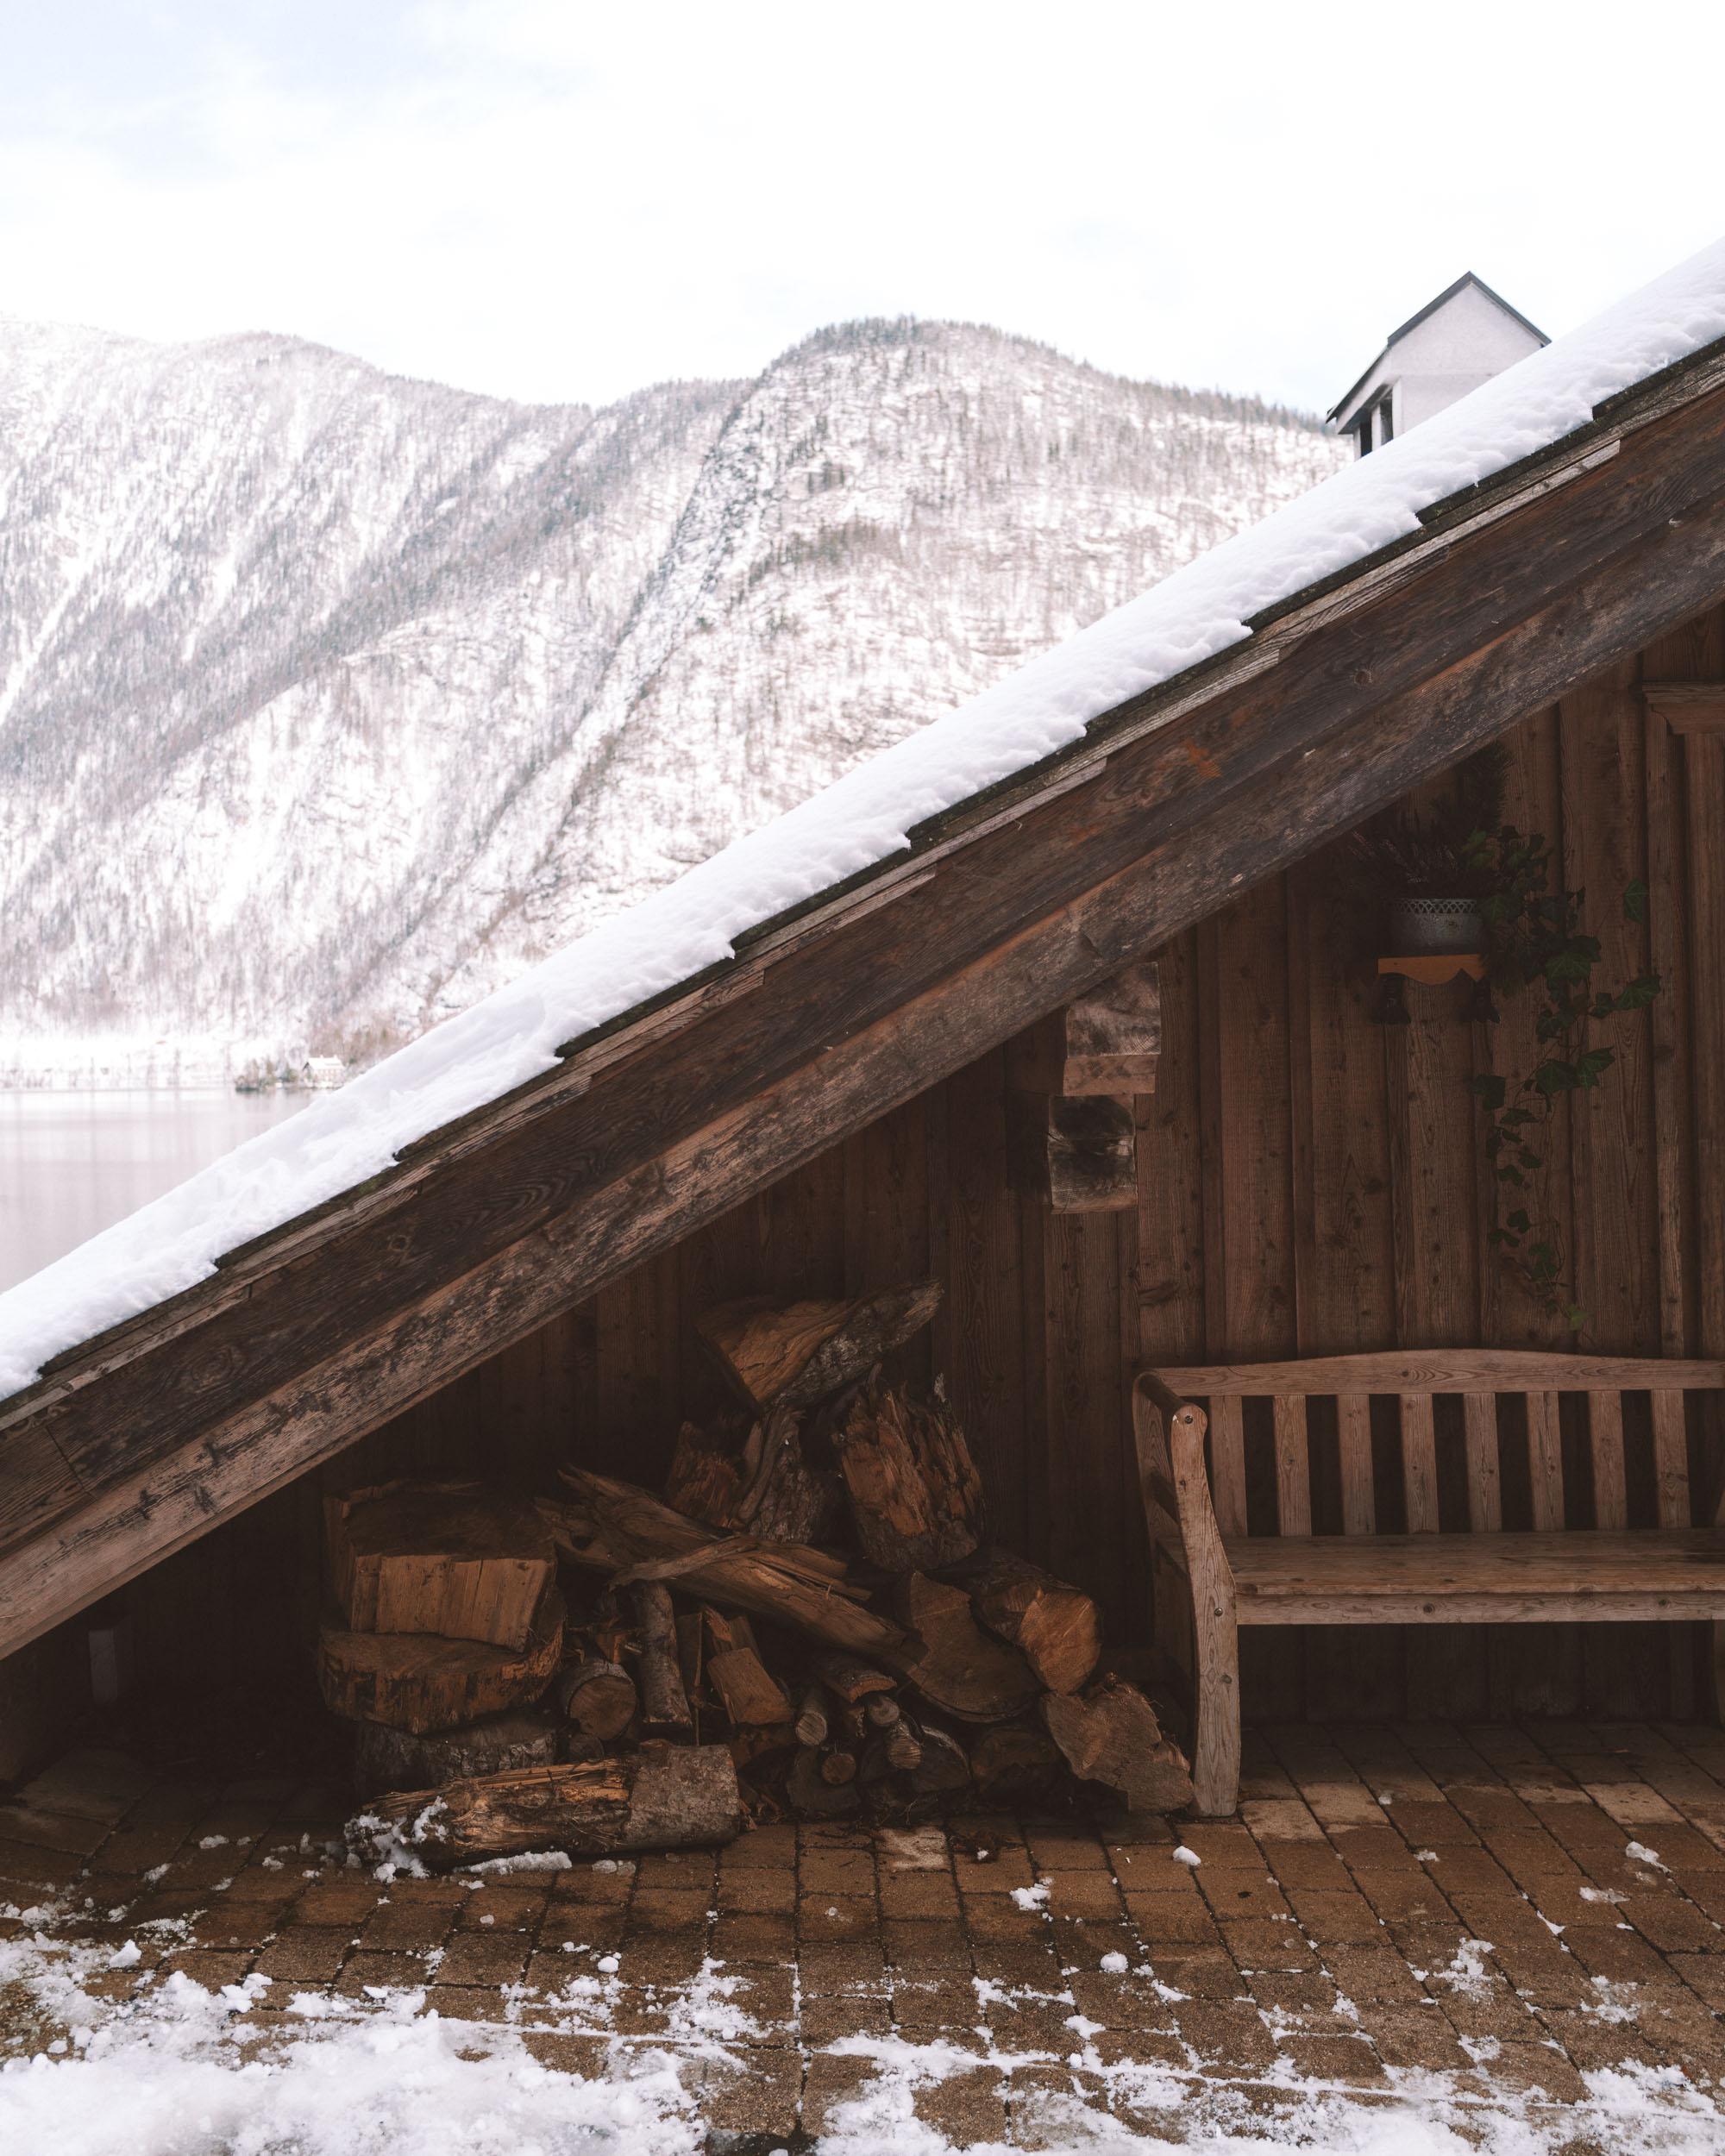 Houses in Hallstatt Austria covered in snow